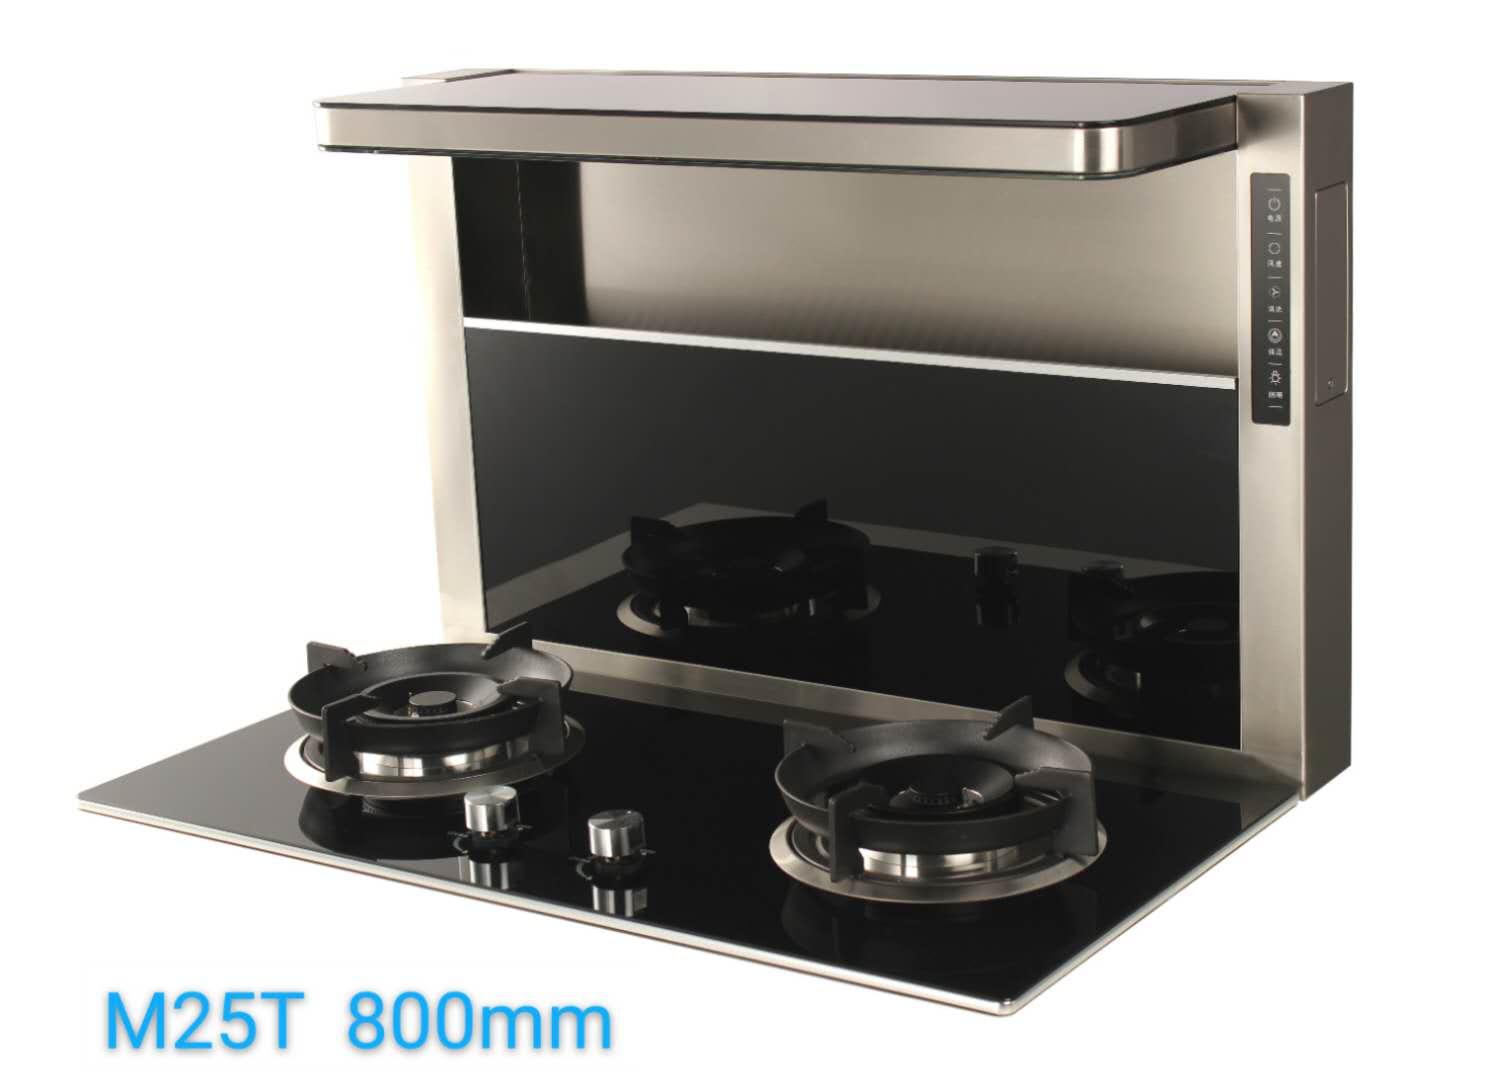 小户型单灶单身公寓油烟机美炊分体式集成灶自动清洗